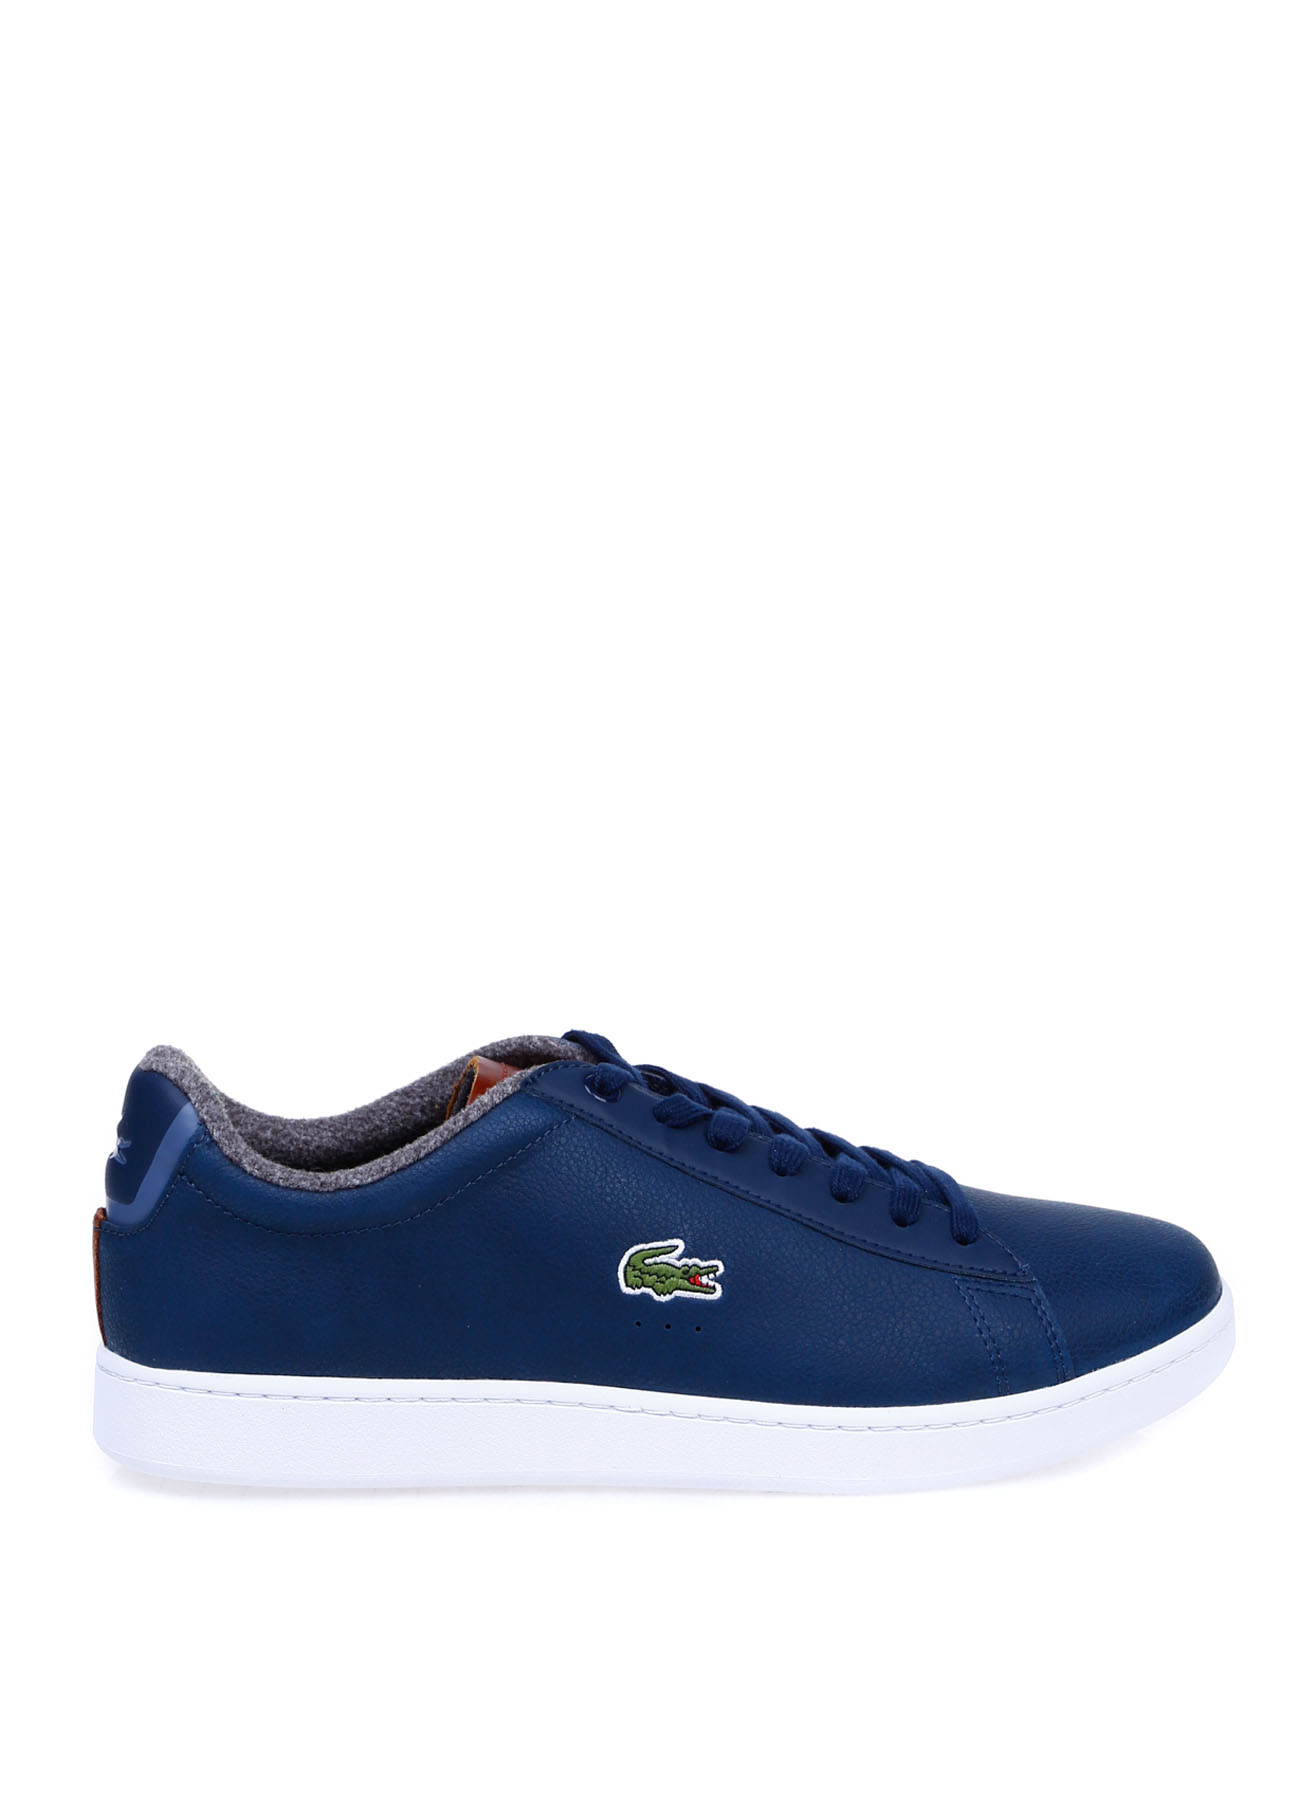 Lacoste Erkek Deri Lacivert Lifestyle Ayakkabı 42 5002314248004 Ürün Resmi